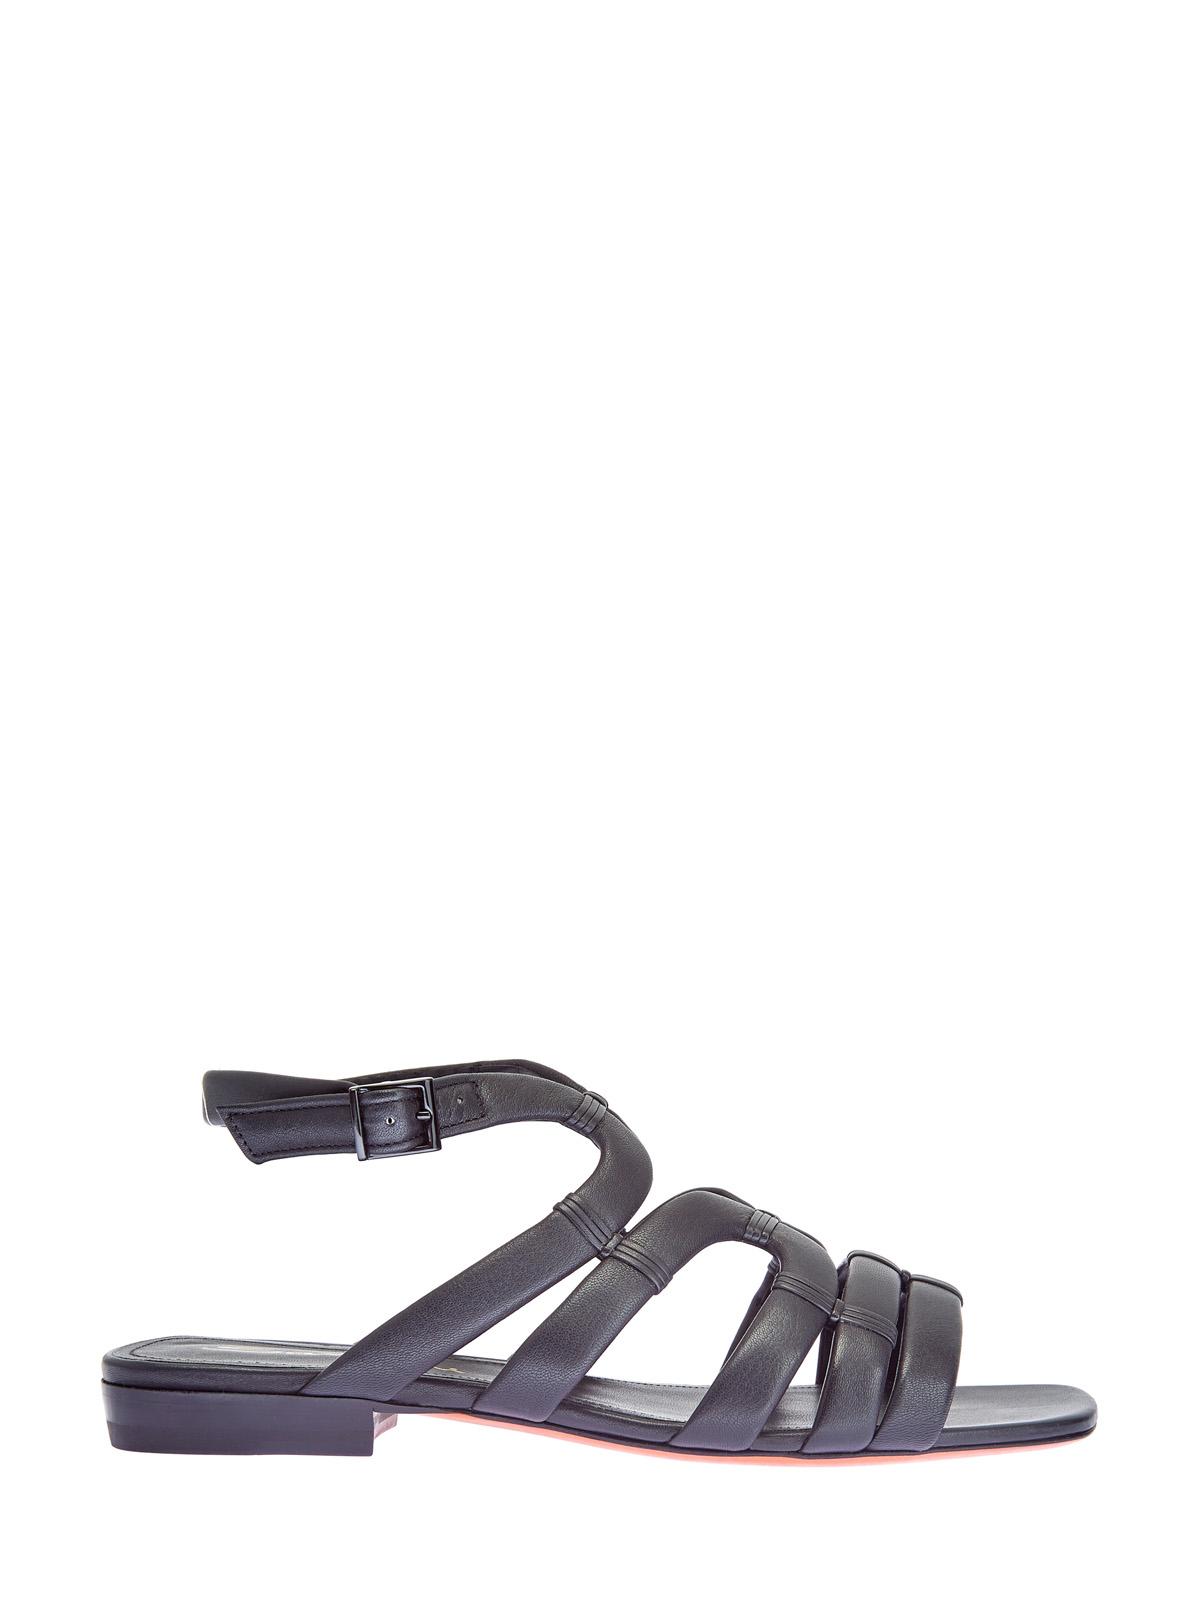 Открытые сандалии из мягкой матовой кожи